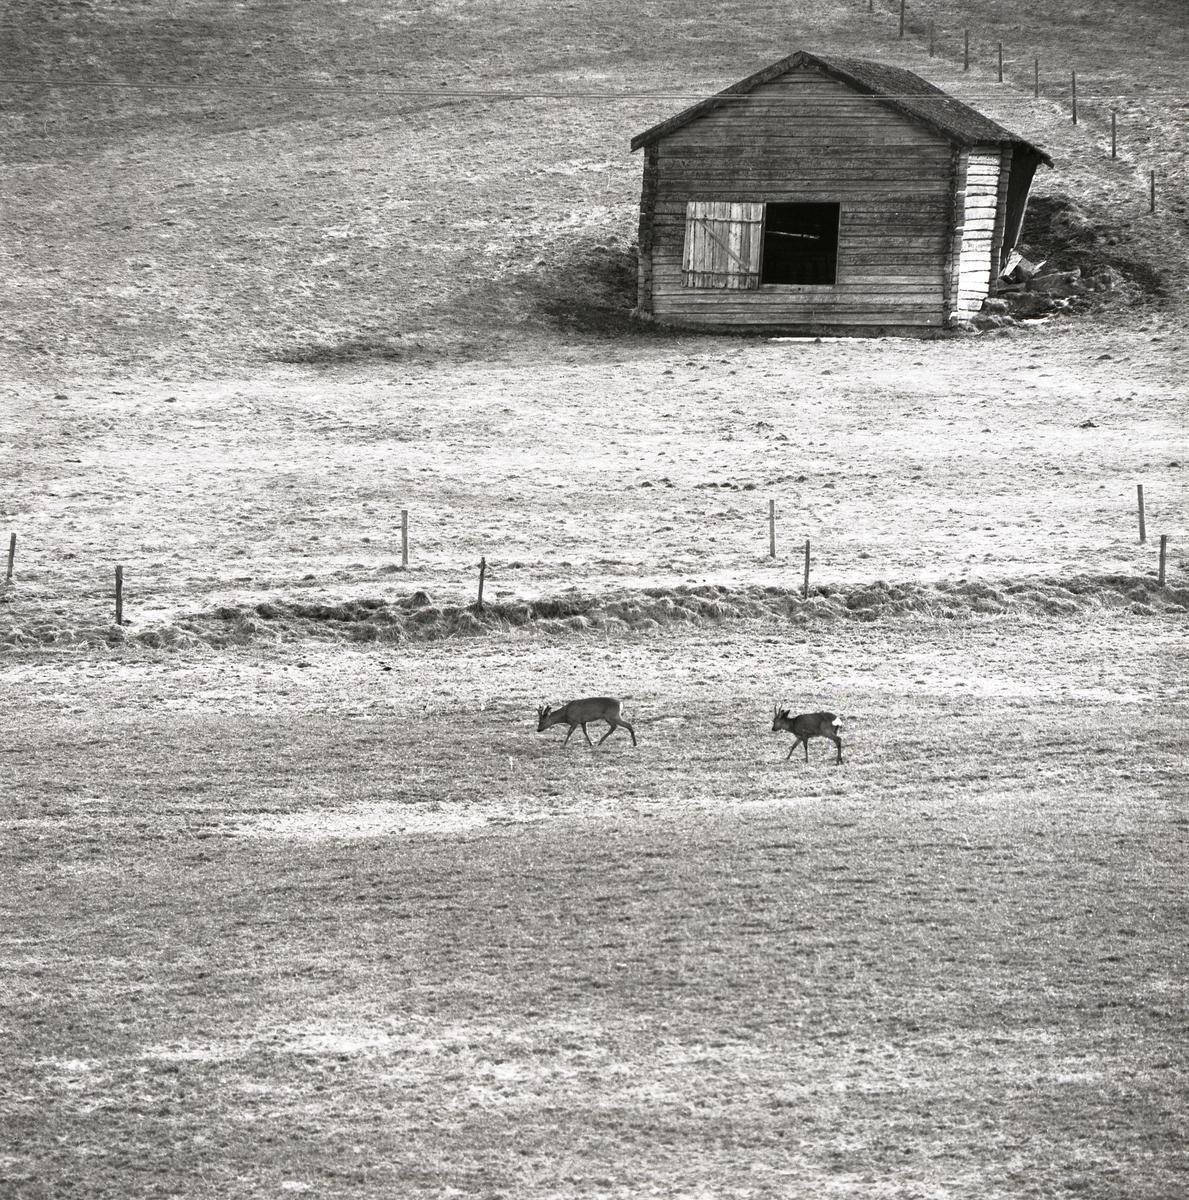 Två rådjur går över en åker med en lada i bakgrunden, Forsa 1971.